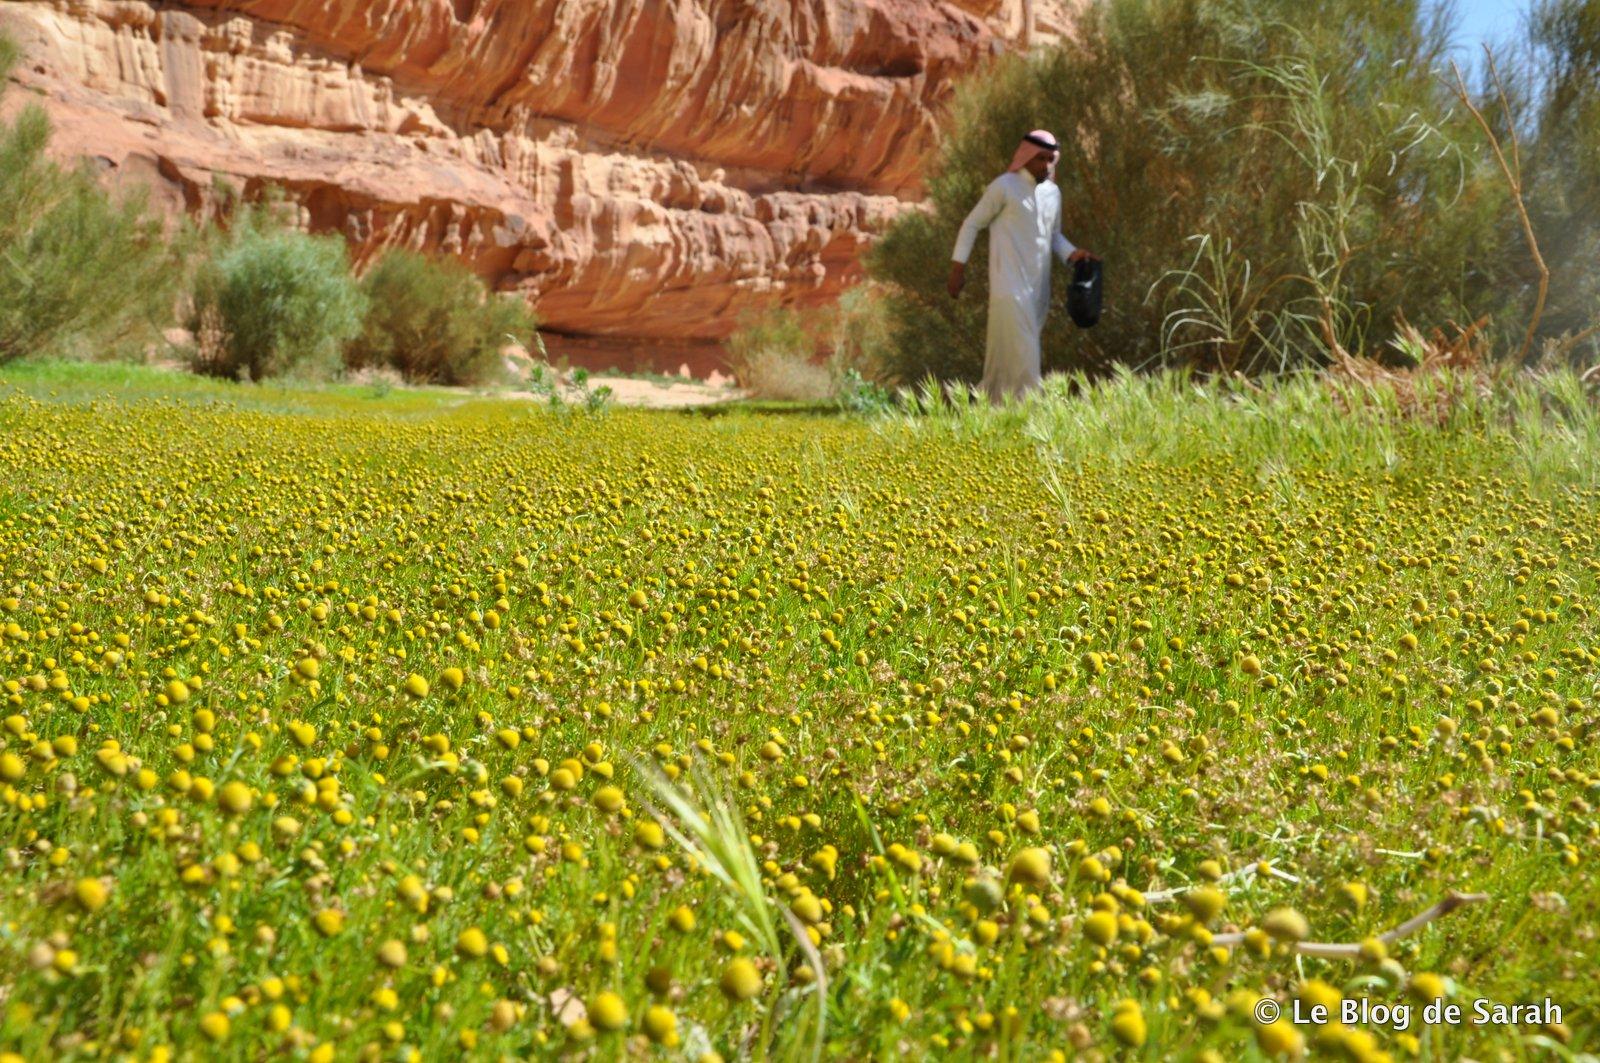 Nuestra guía beduina recoge flores de manzanilla en un oasis verde en medio del desierto